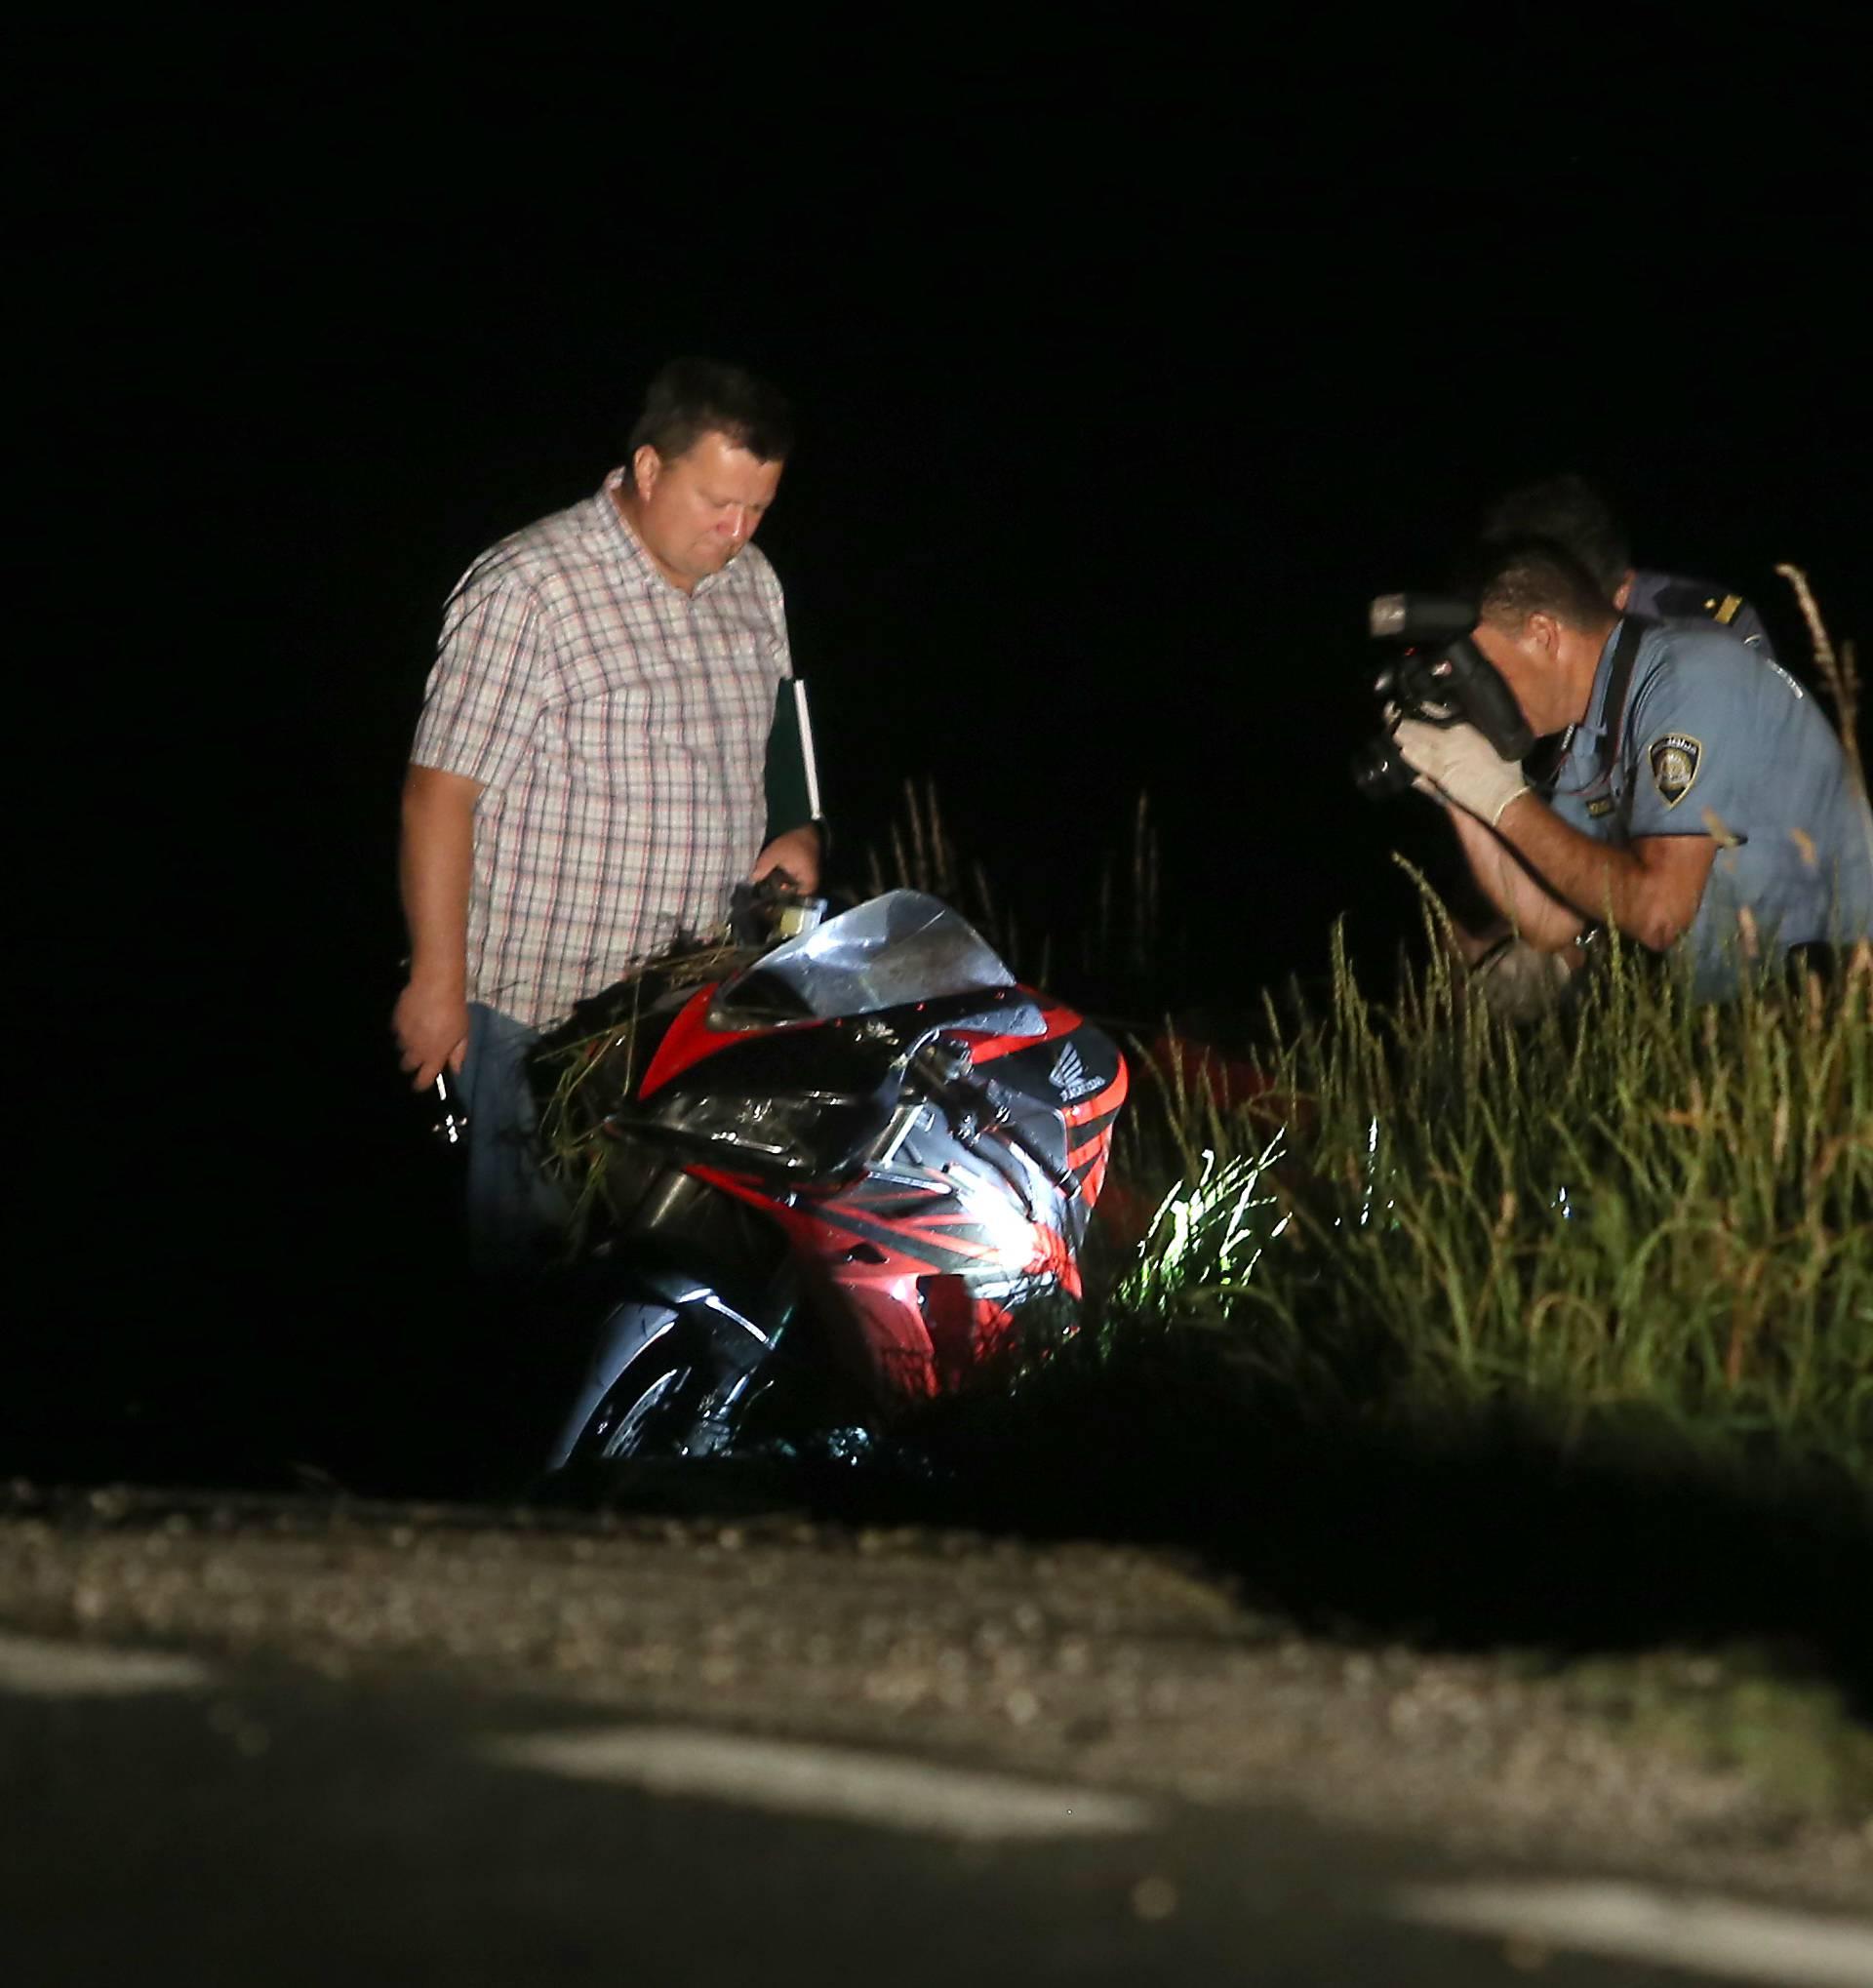 Završio u jarku: Motociklist u zavoju sletio s ceste i poginuo